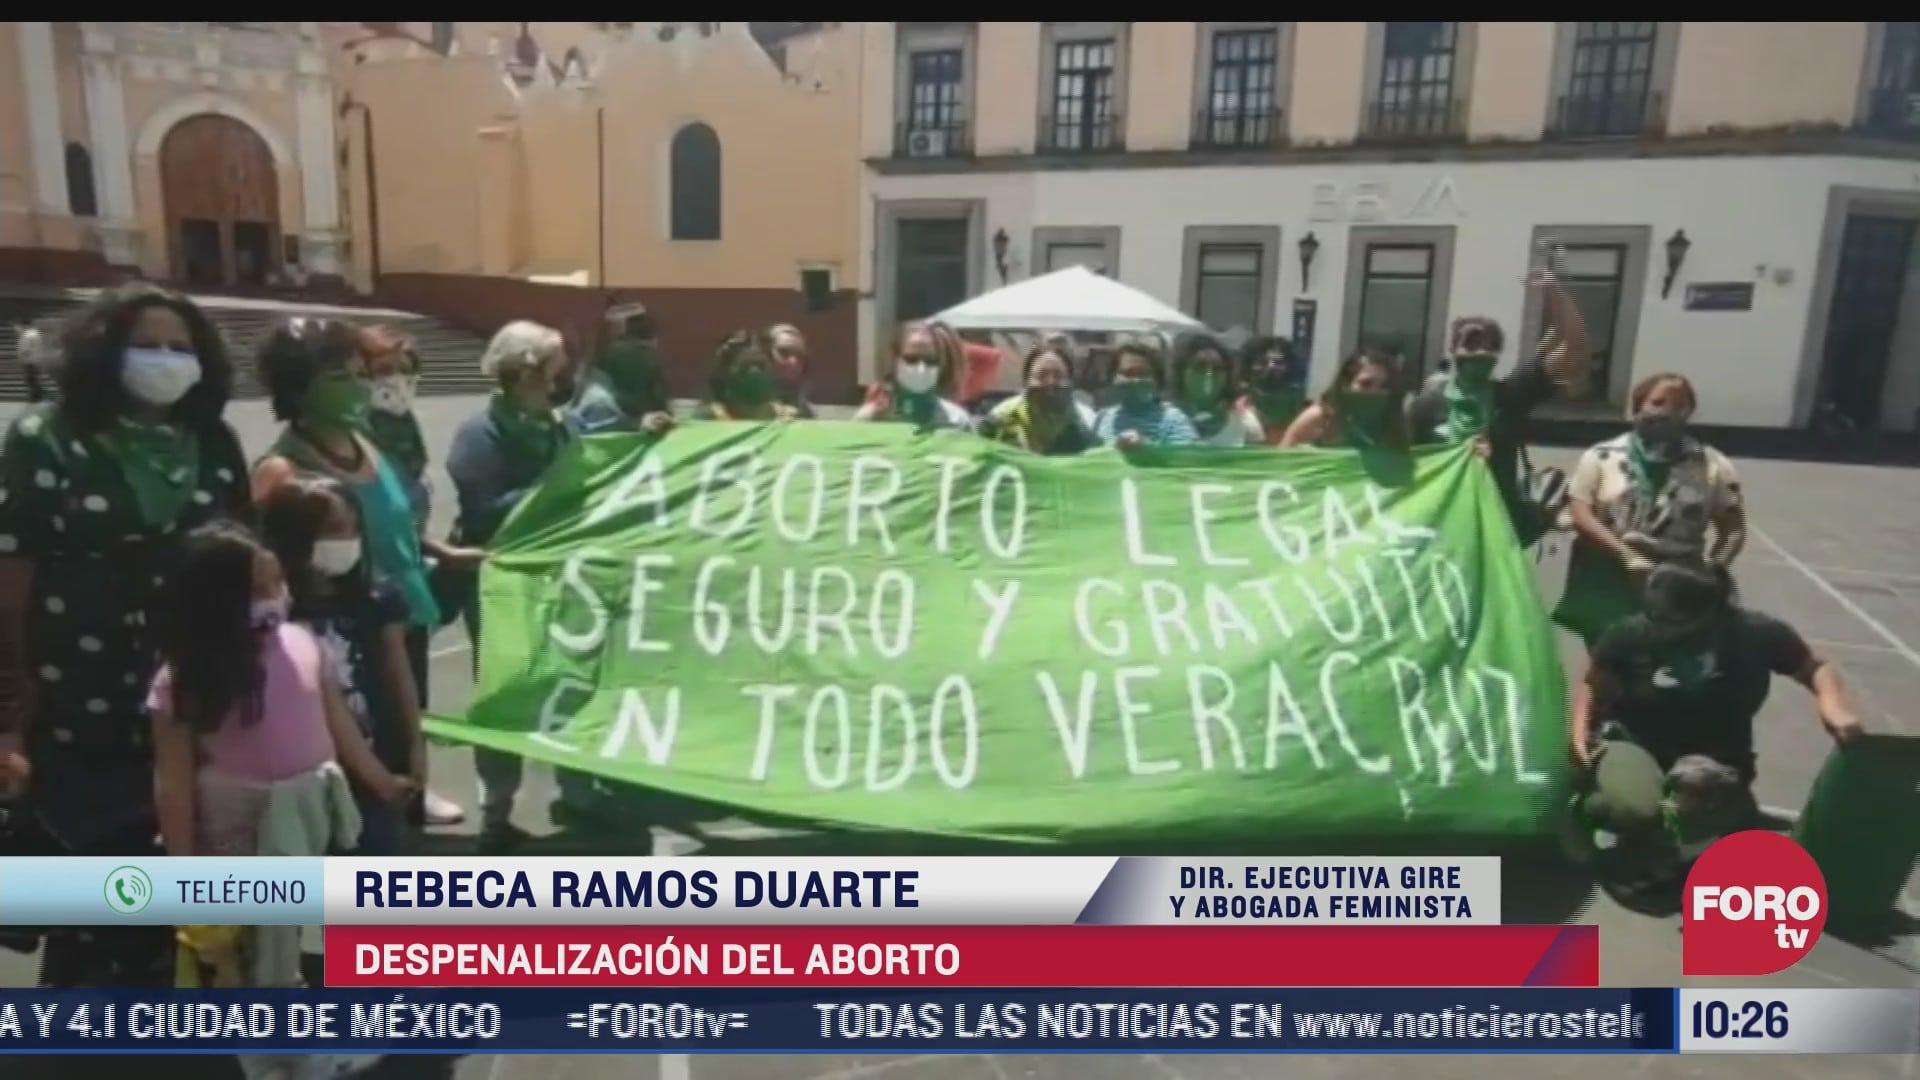 rebeca ramos habla sobre la despenalizacion del aborto en veracruz